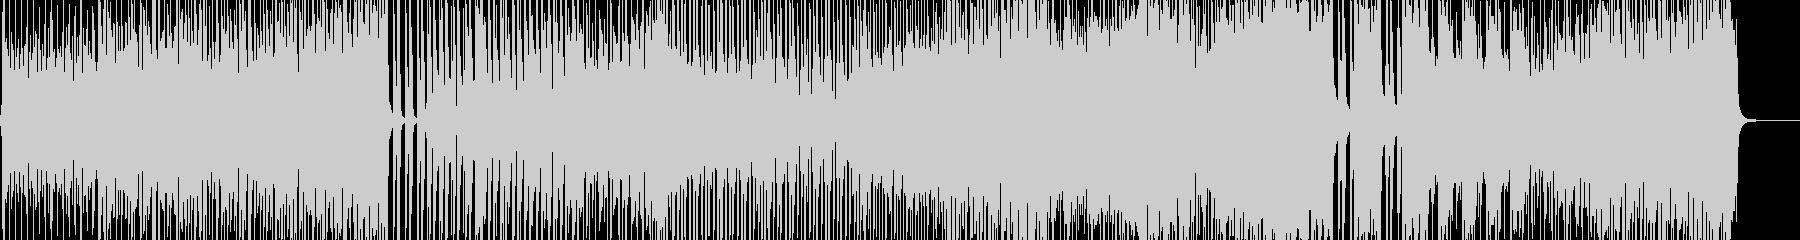 七変化アニメーションダンス調ポップ B2の未再生の波形